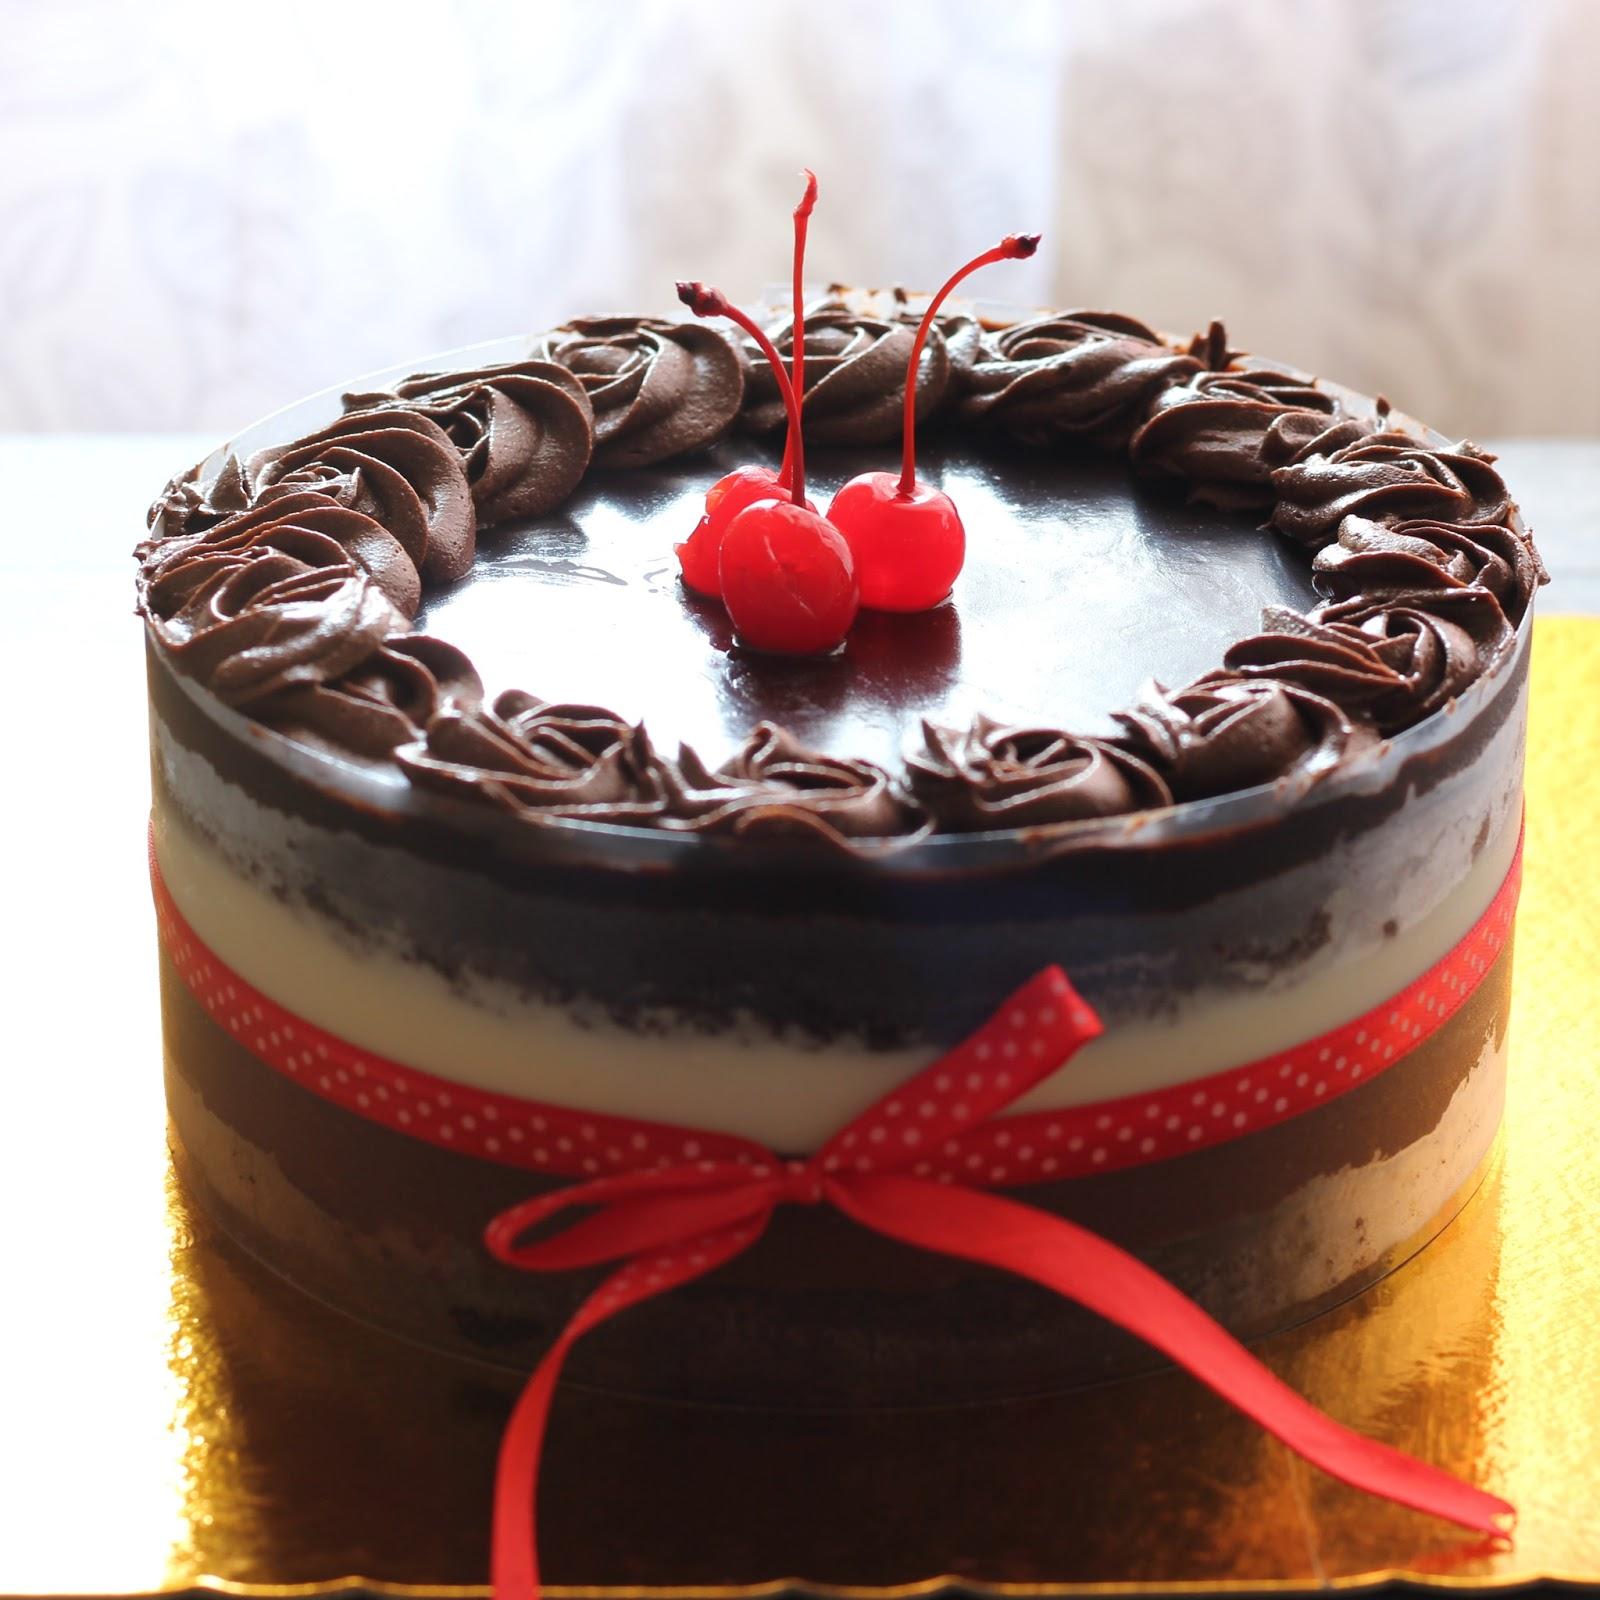 Kita Liat Lapisannya Ya Lapisan Pertama Ada Cake Lat Yang Lembut Banget Berikutnya Dark Chocolate Mousse Selanjutnya White